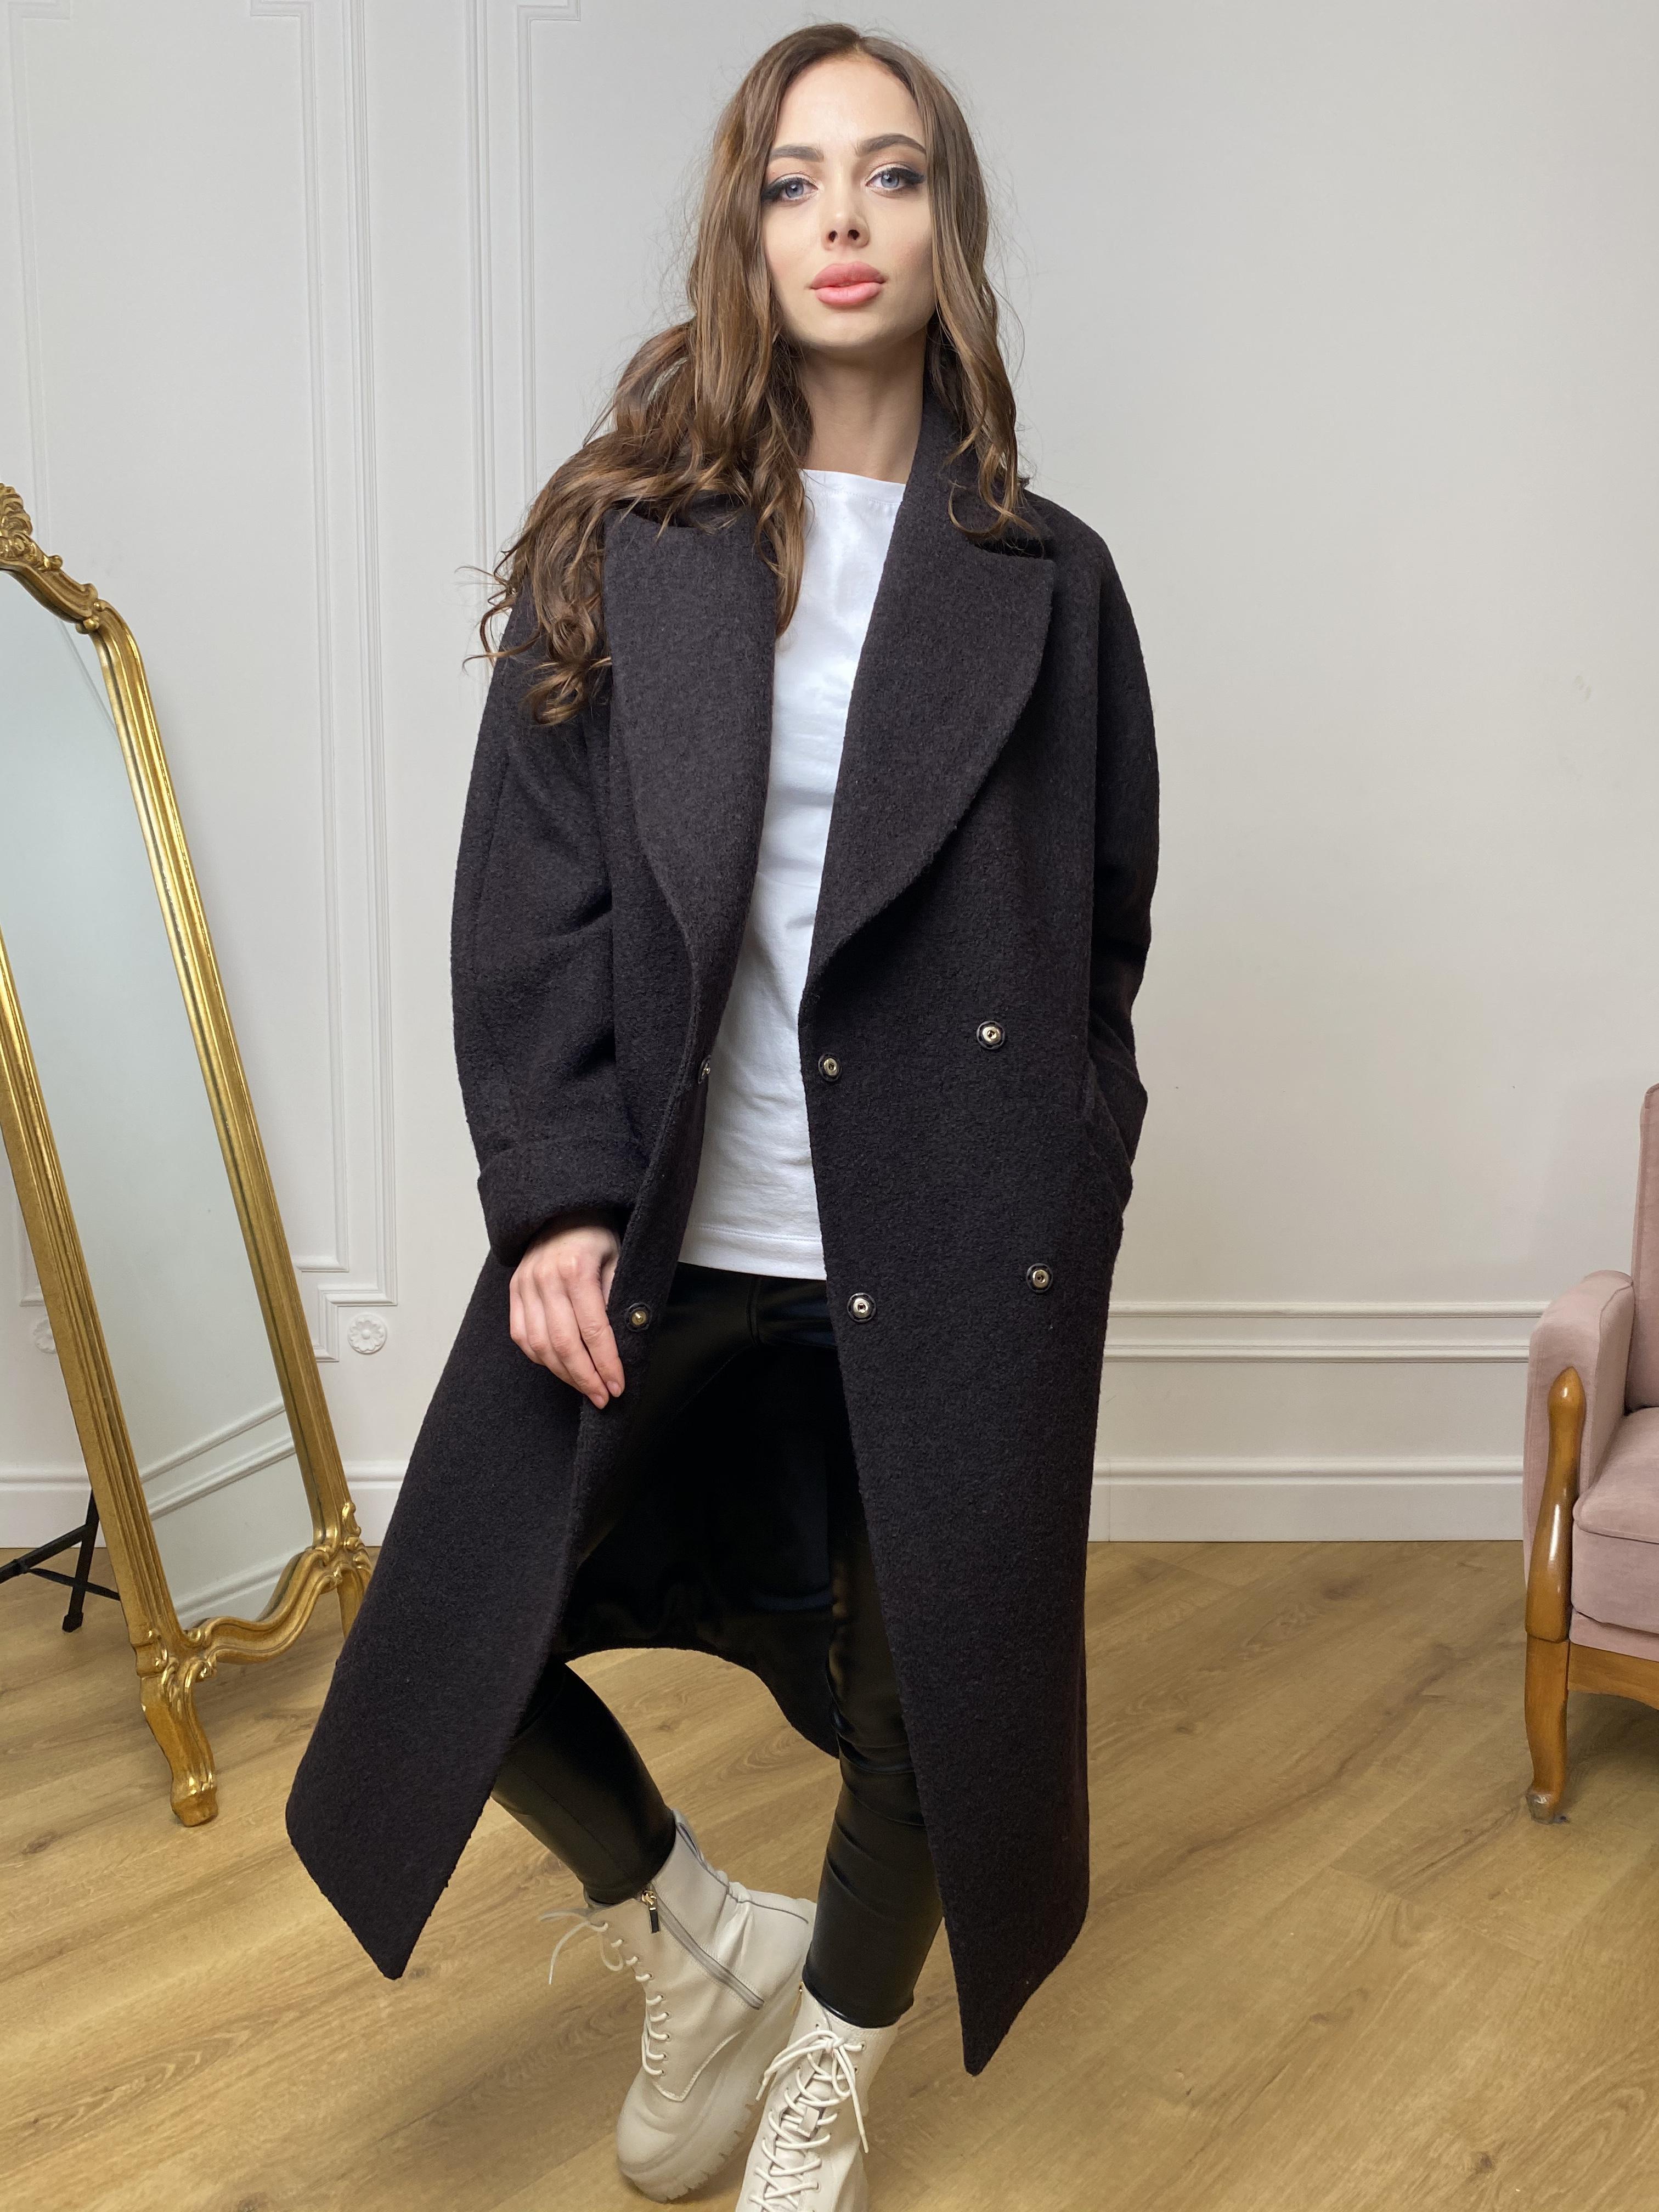 Влада баритон  пальто  из пальтовой ткани 10313 АРТ. 46630 Цвет: Шоколад - фото 8, интернет магазин tm-modus.ru